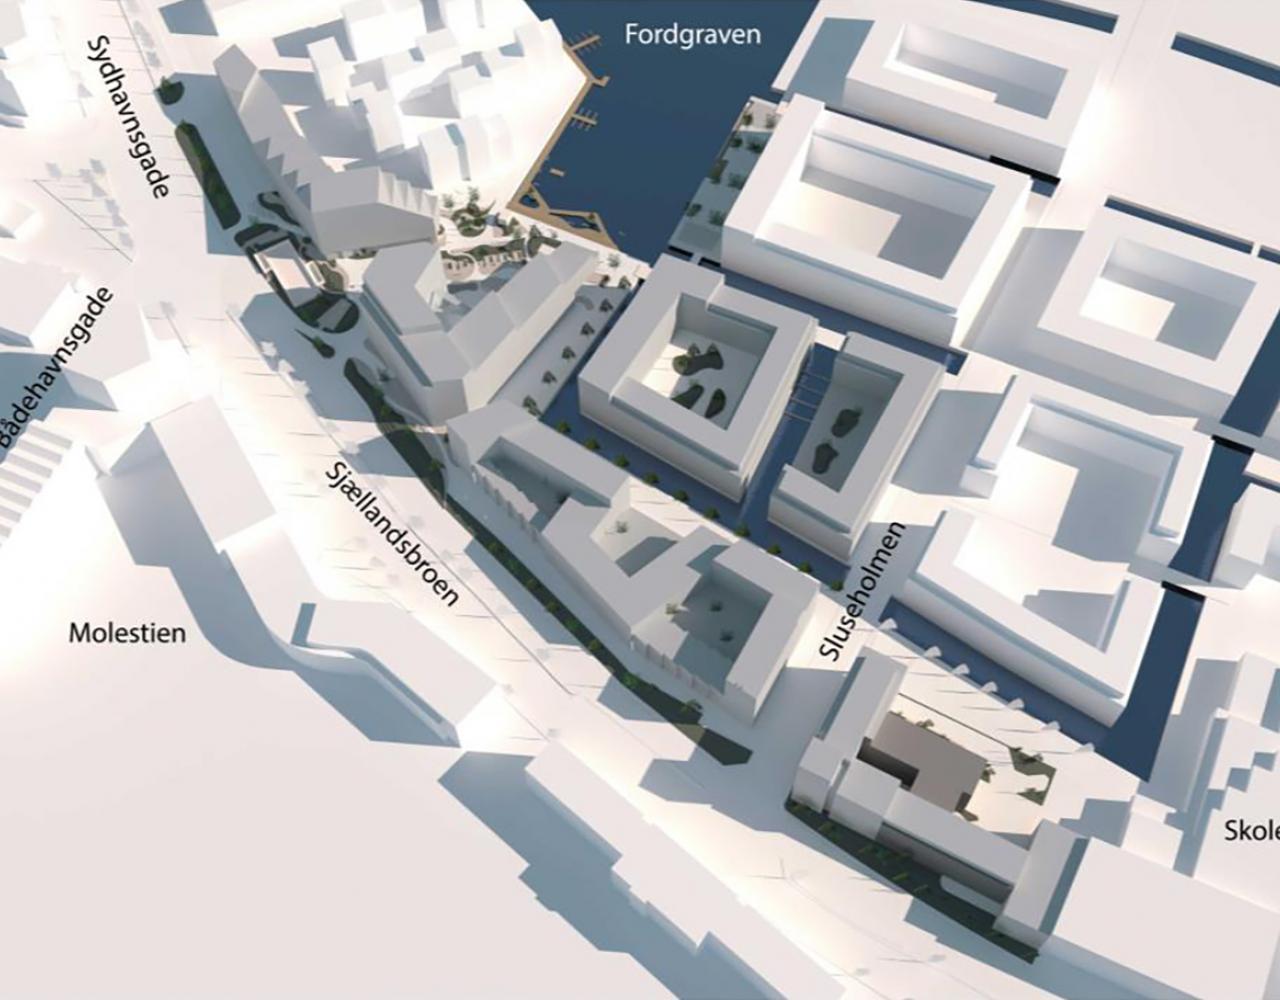 sluseholmen syd plan